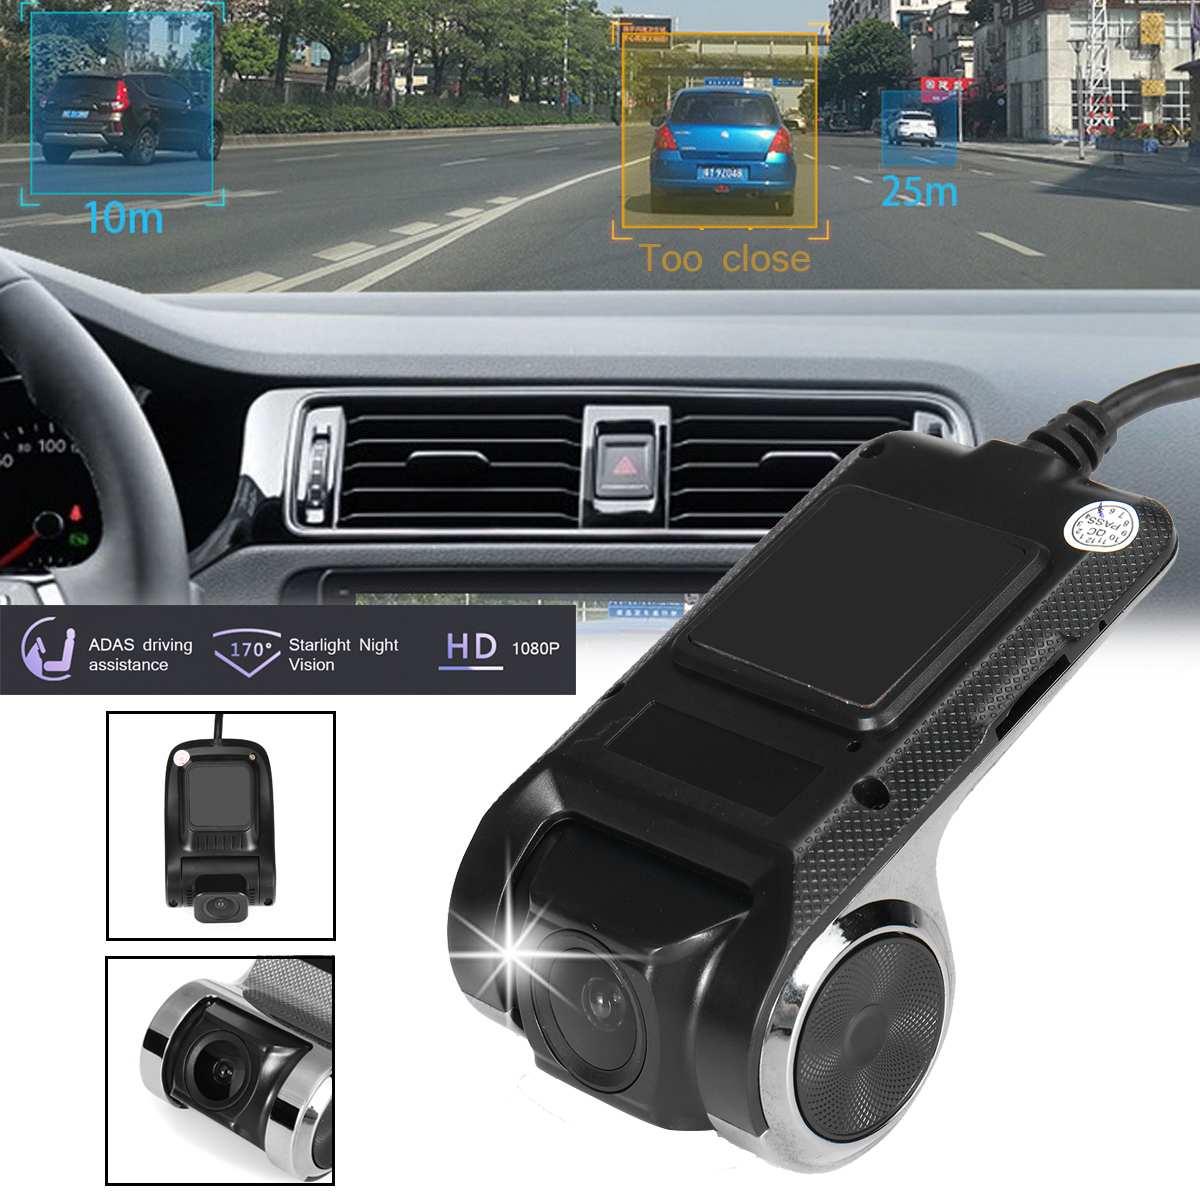 Dashcam largo da gravação do laço do ângulo da câmera 1080 ° do traço de hd do gravador de condução 170 p de android usb com cão eletrônico do sistema de adas